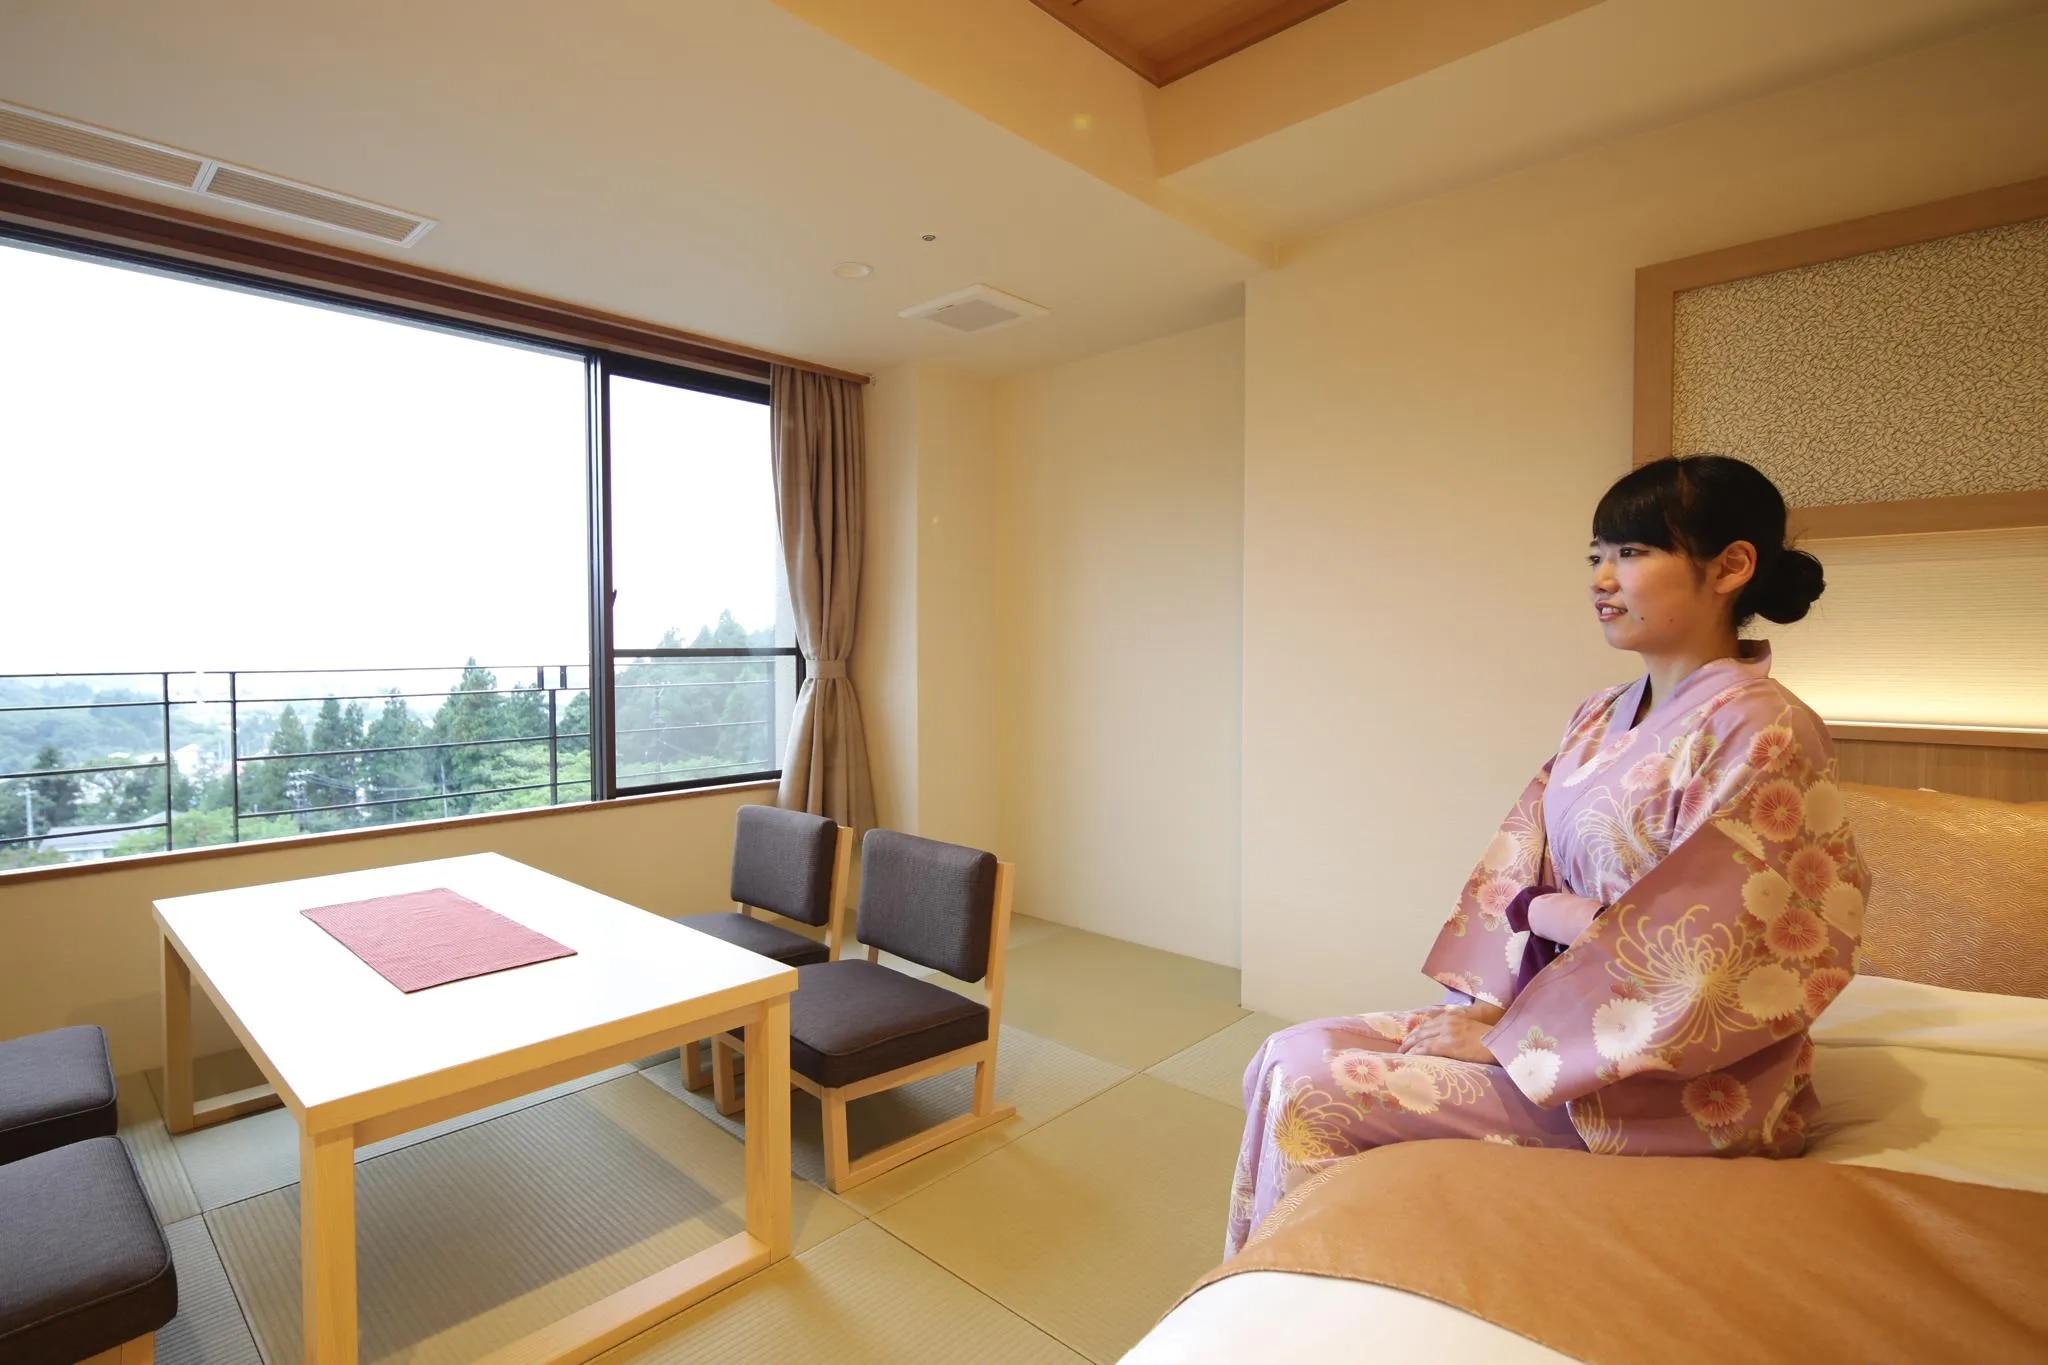 Higashiyama Hot Spring: Onyado Toho / Fukushima Aizu 27